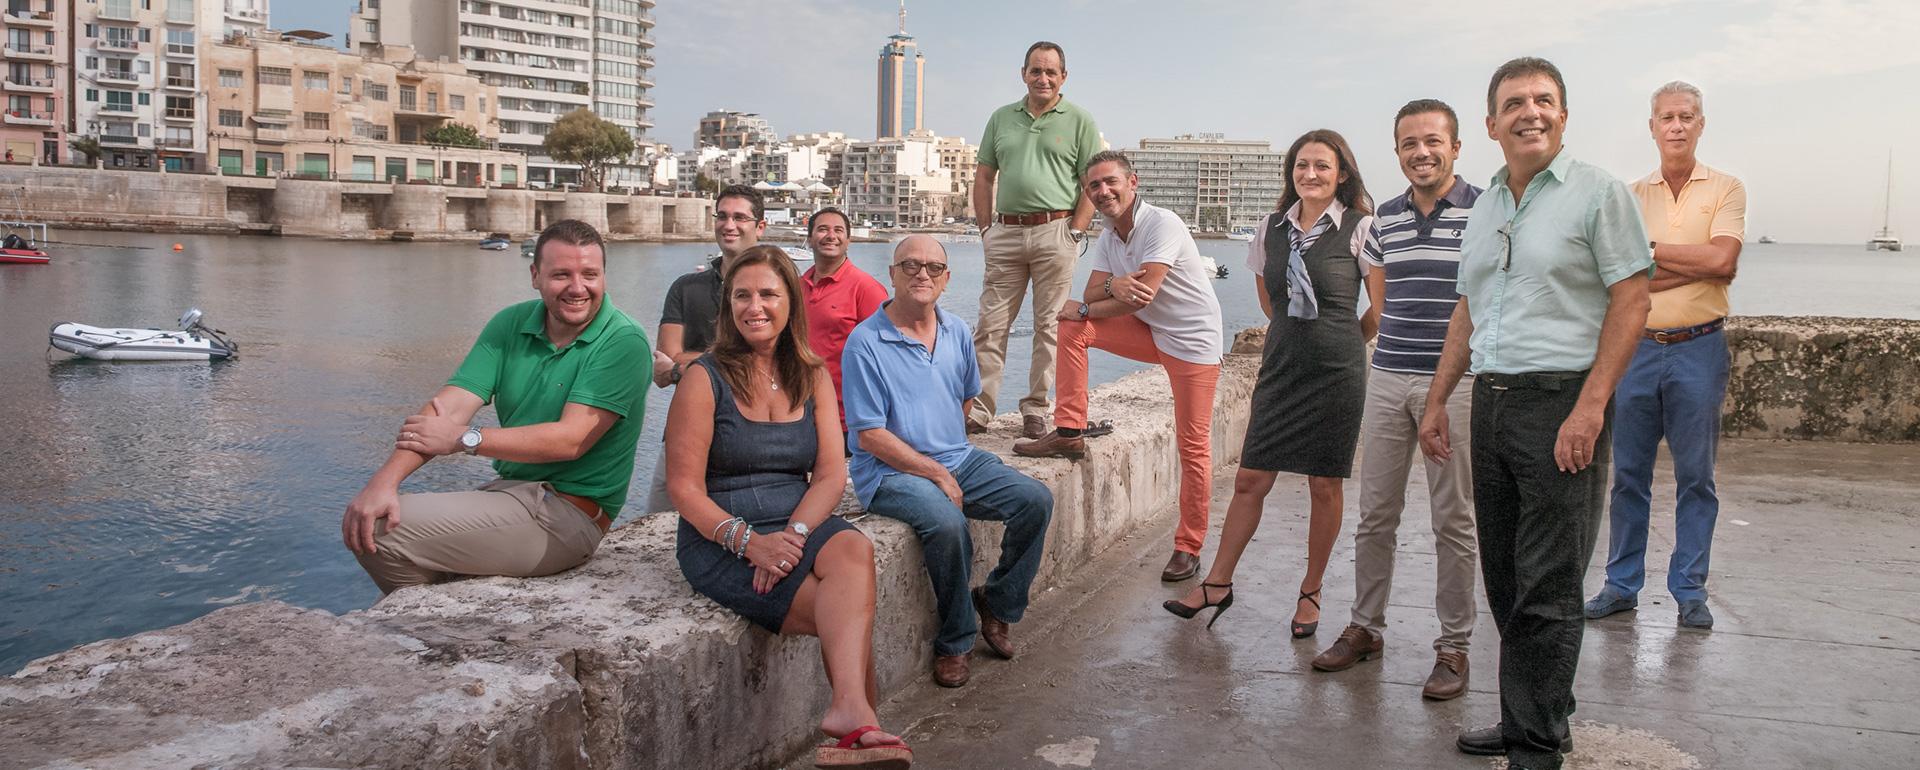 Das Management-Team von Robert Arrigo & Sons